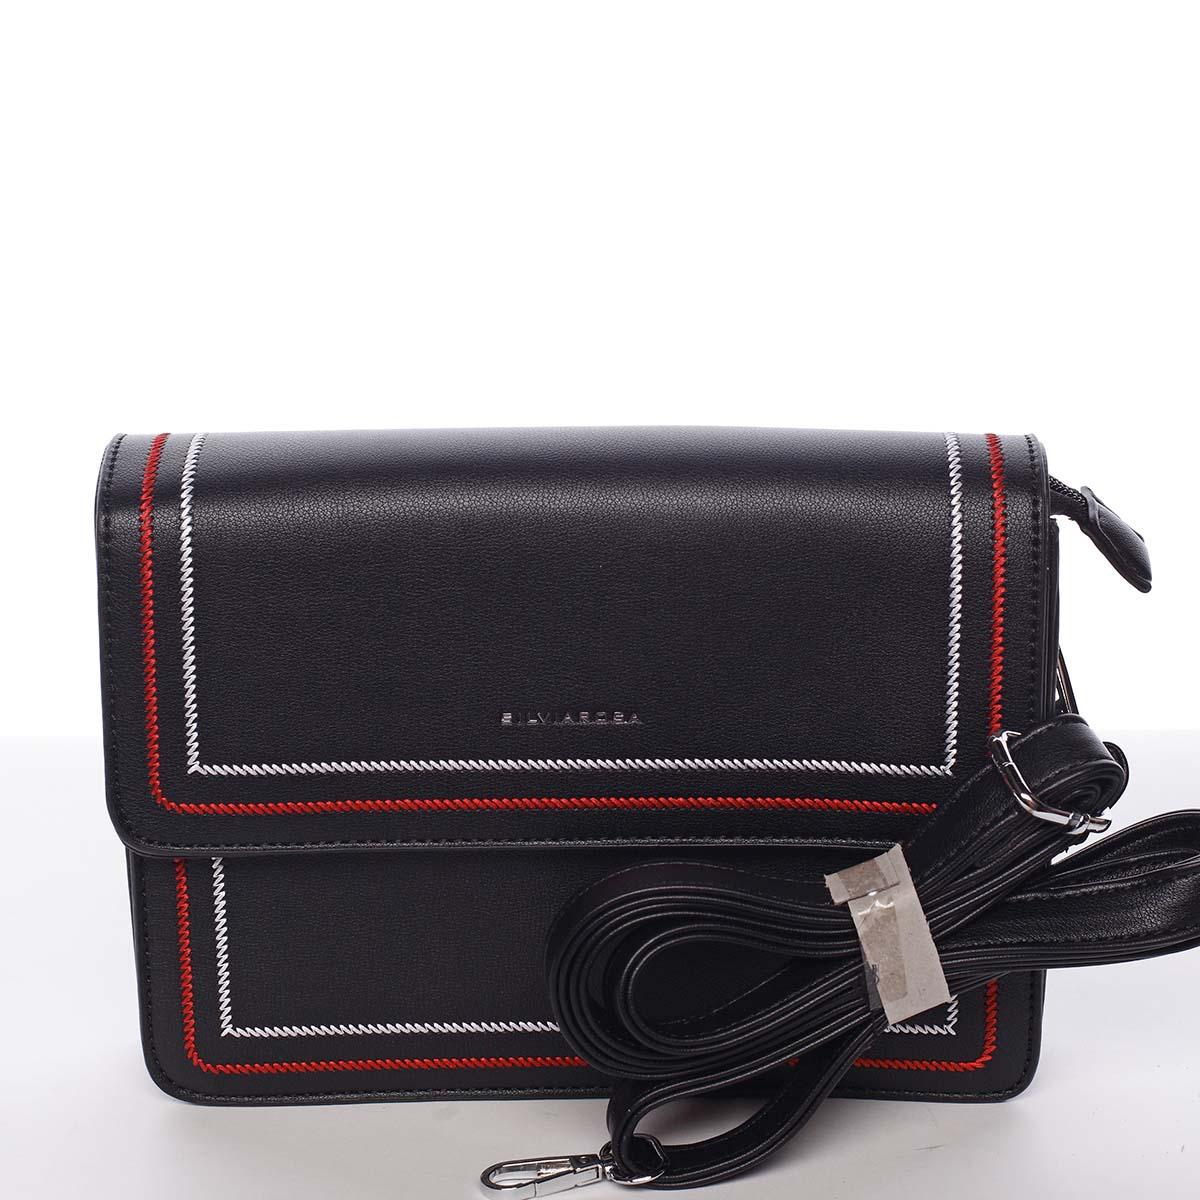 Originální elegantní crossbody kabelka černá - Silvia Rosa Cielo